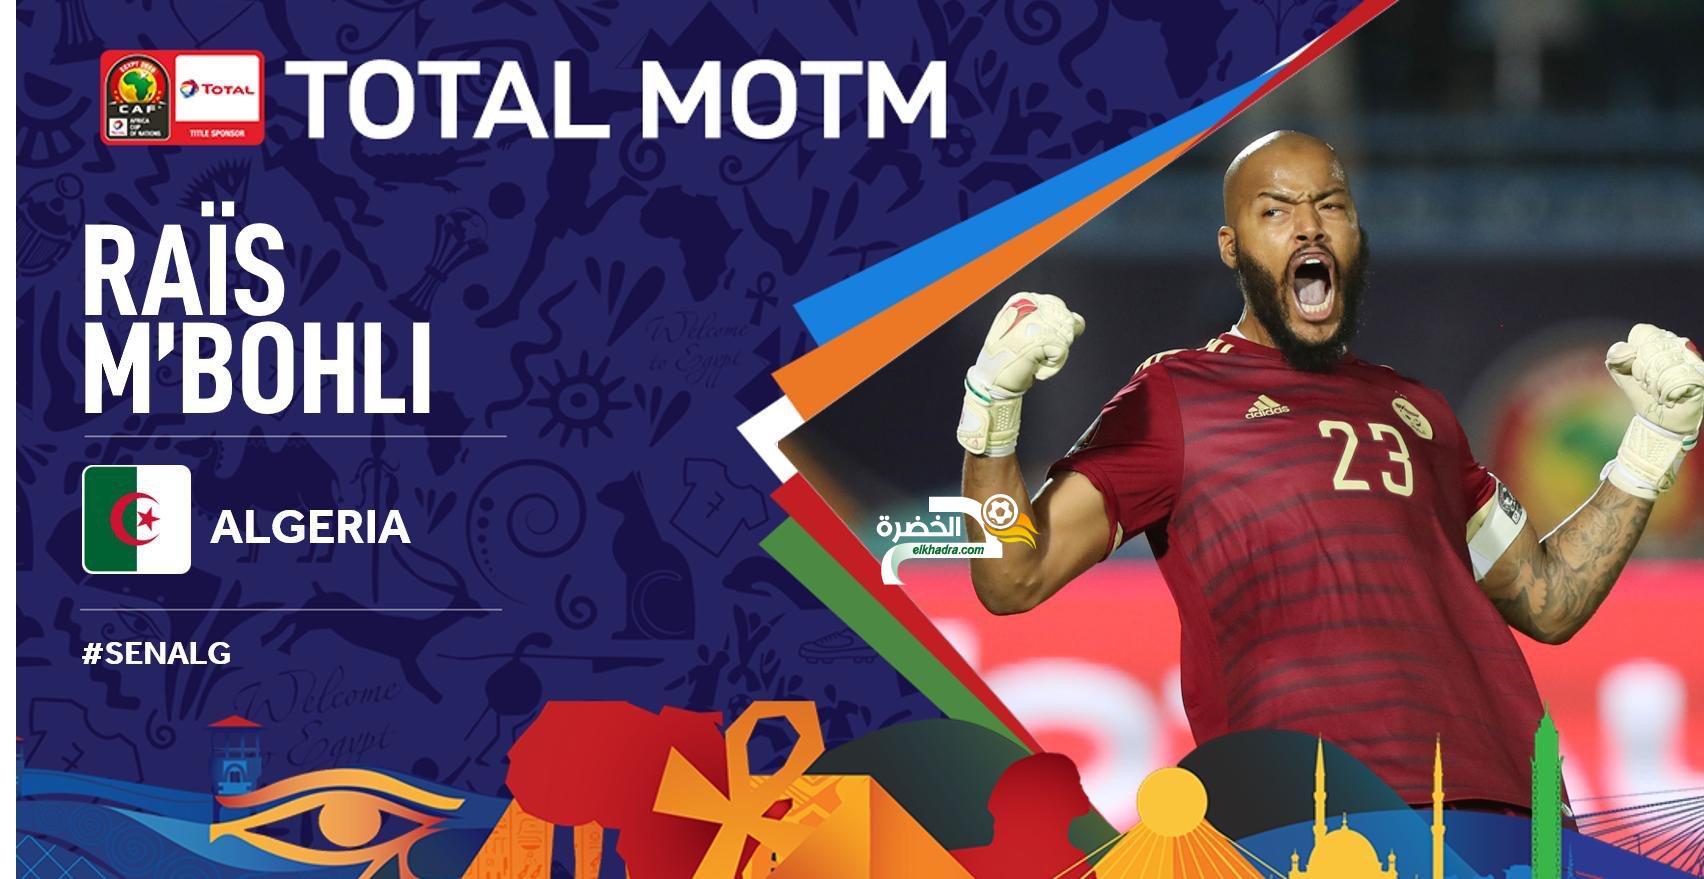 الجزائر 1-0 السينغال : مبولحي رجل المباراة 24